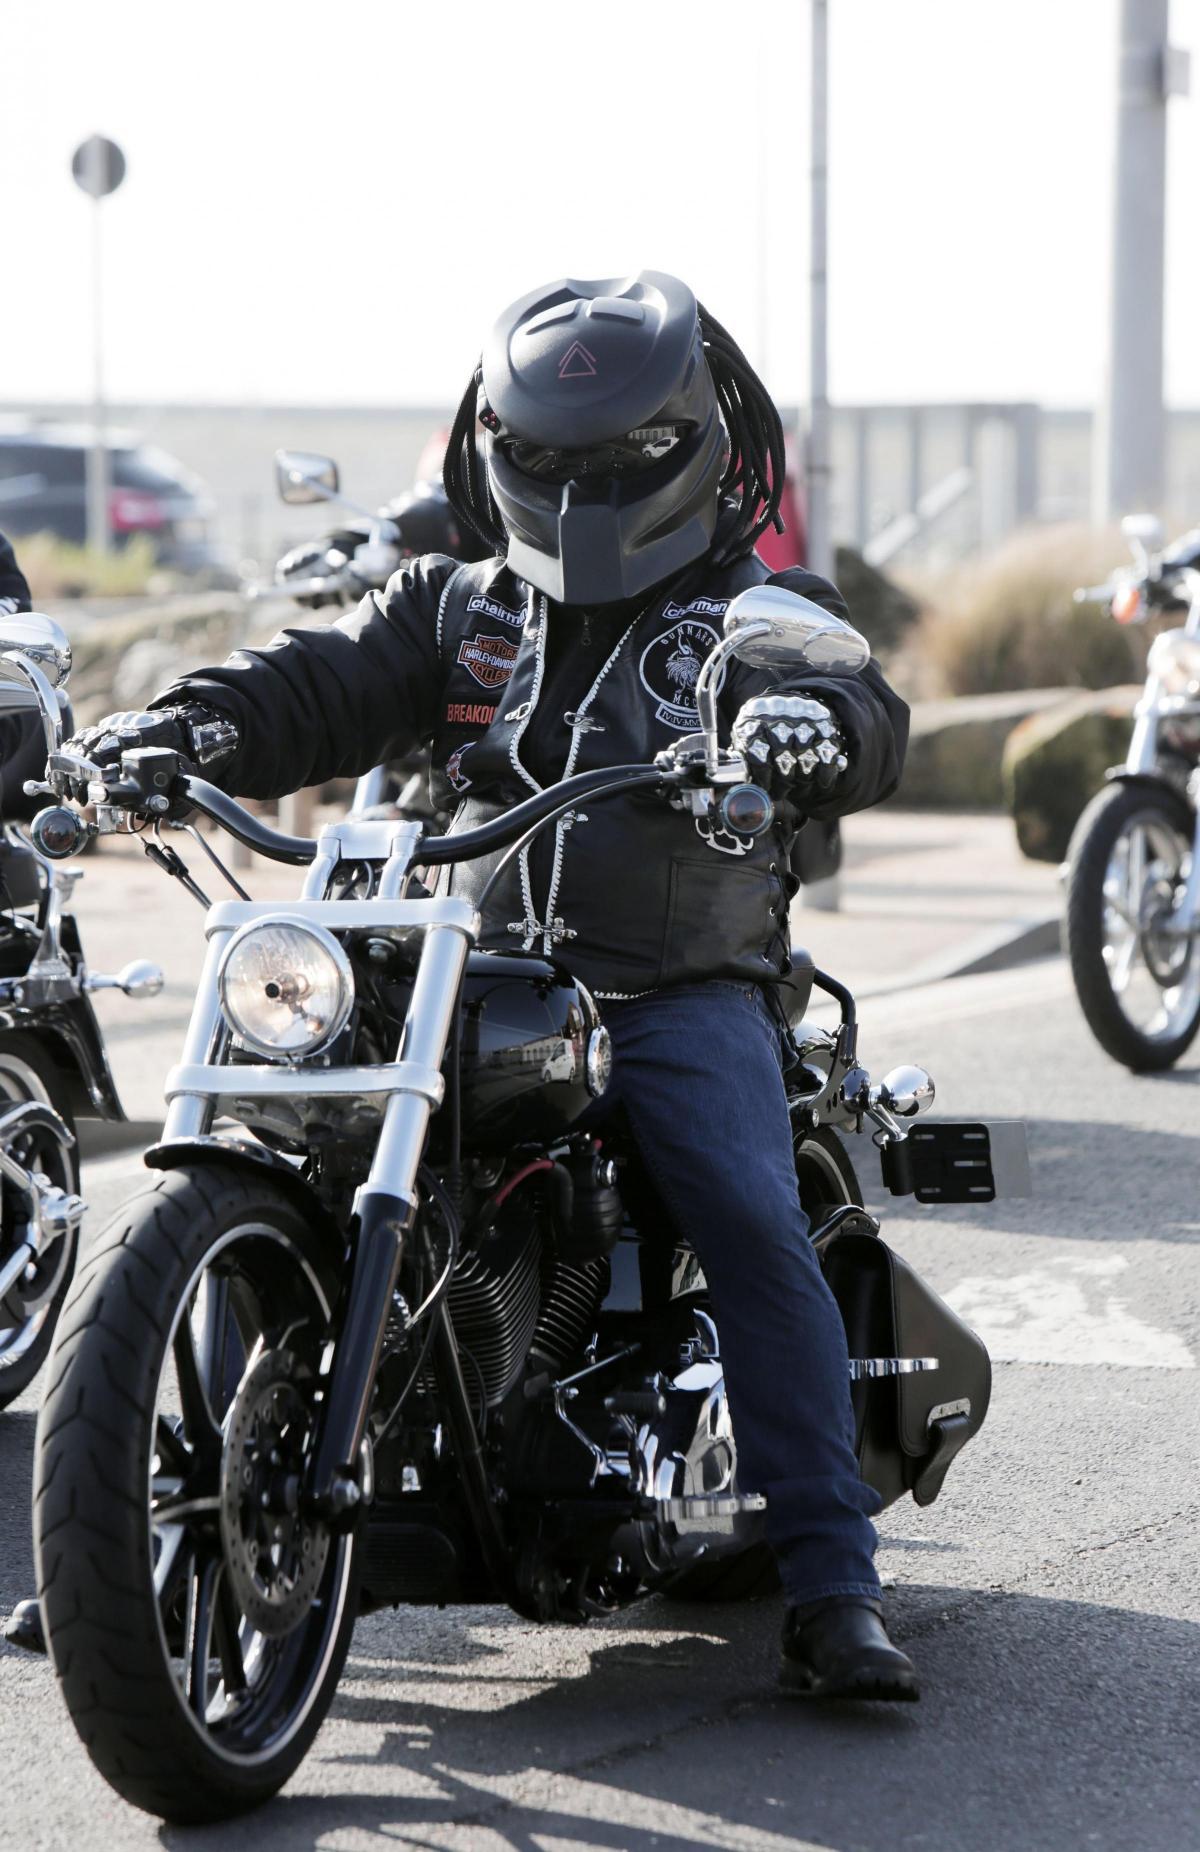 Hells Angels descend on Sunderland | The Northern Echo